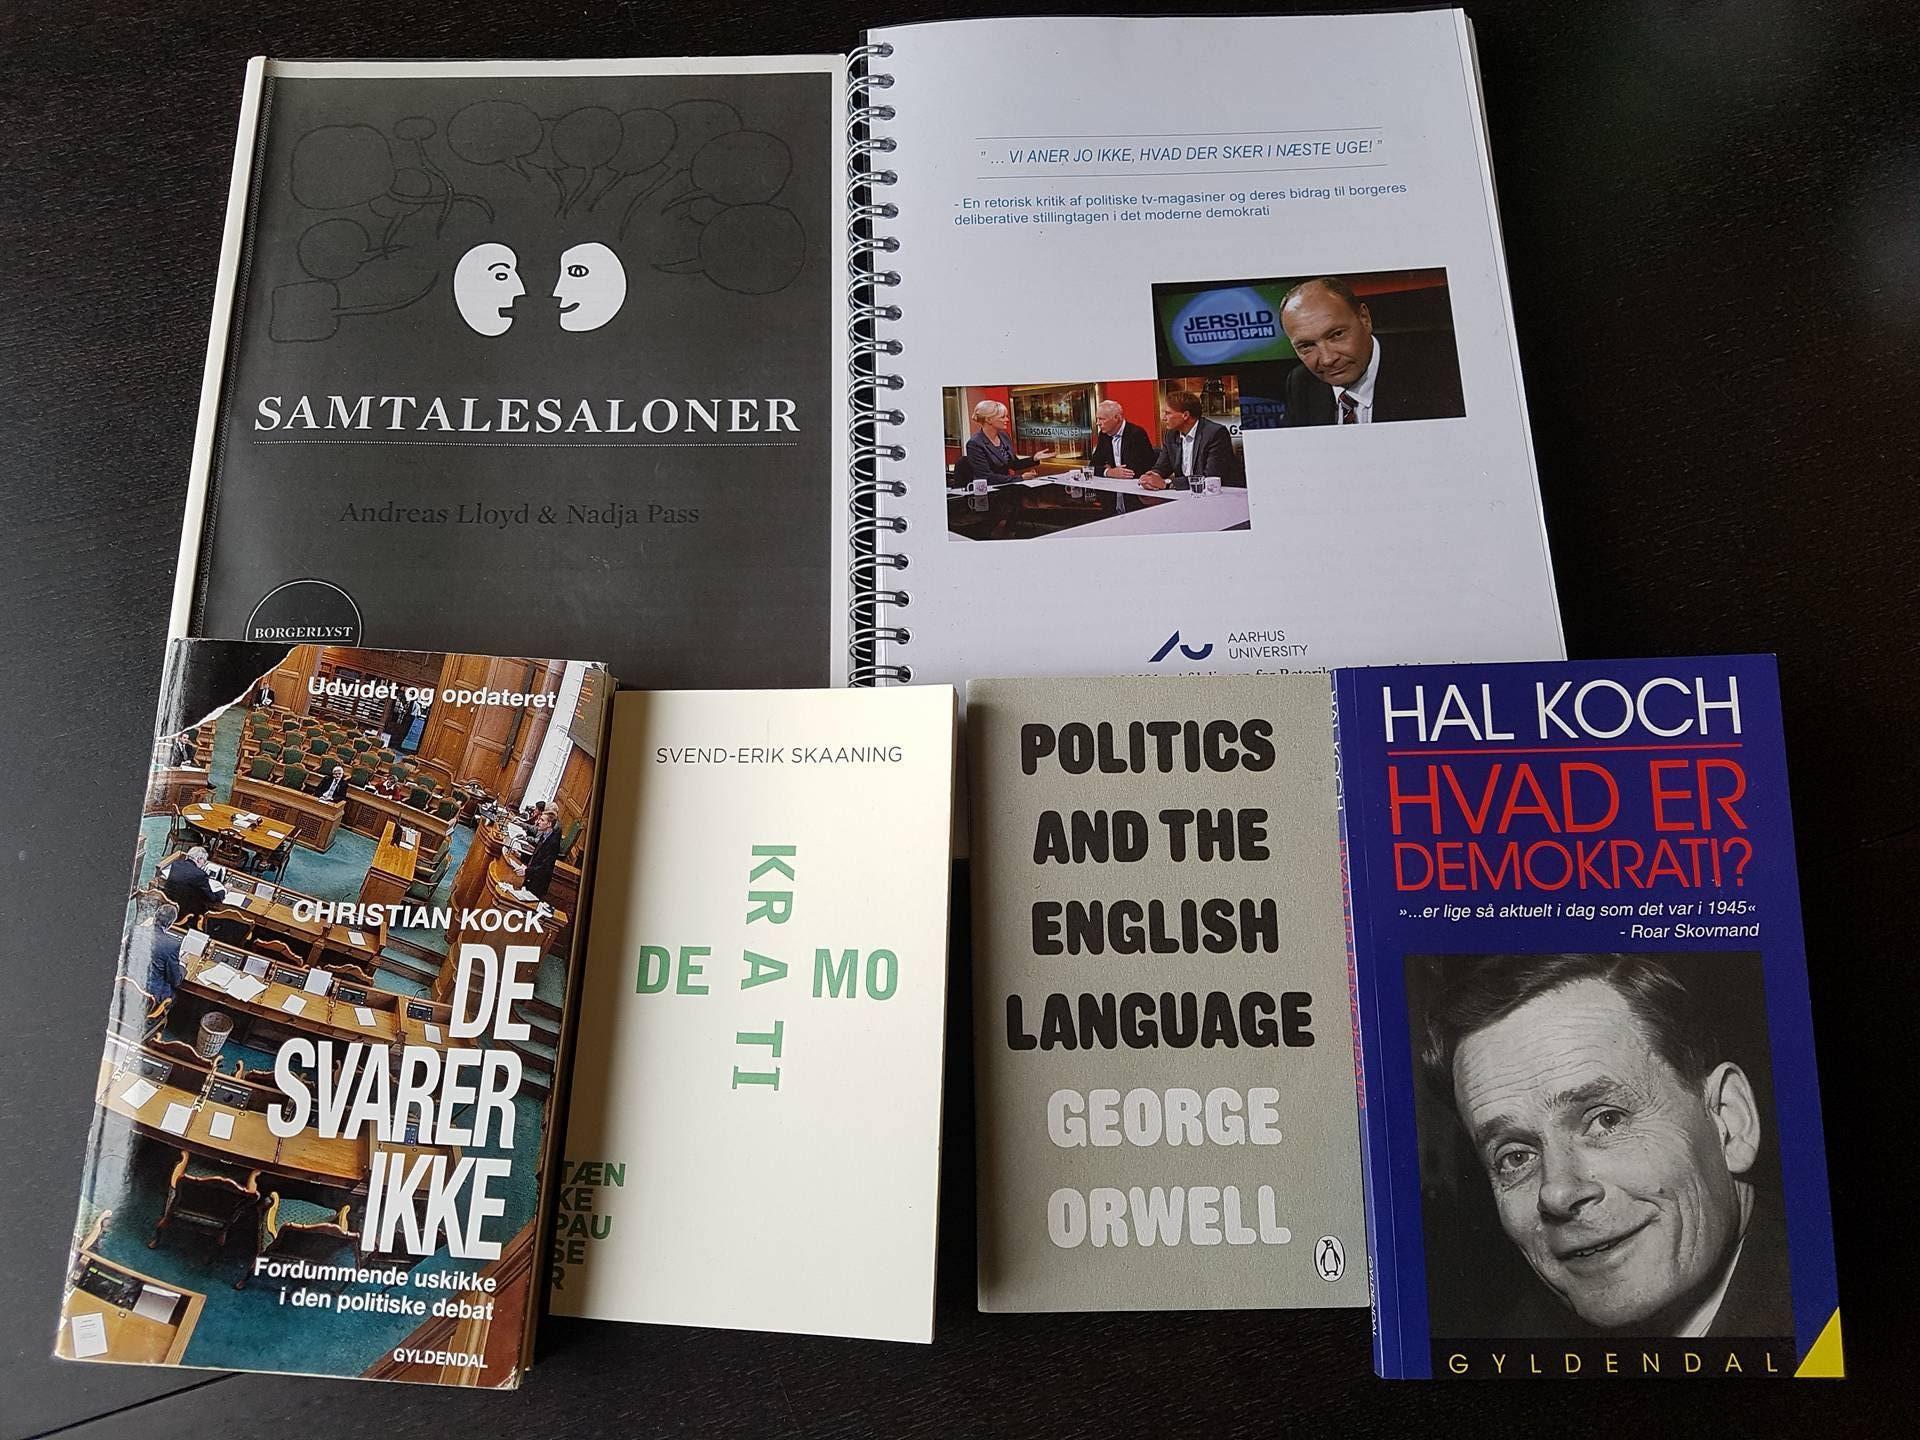 Bøger om deliberation, politik og samfund